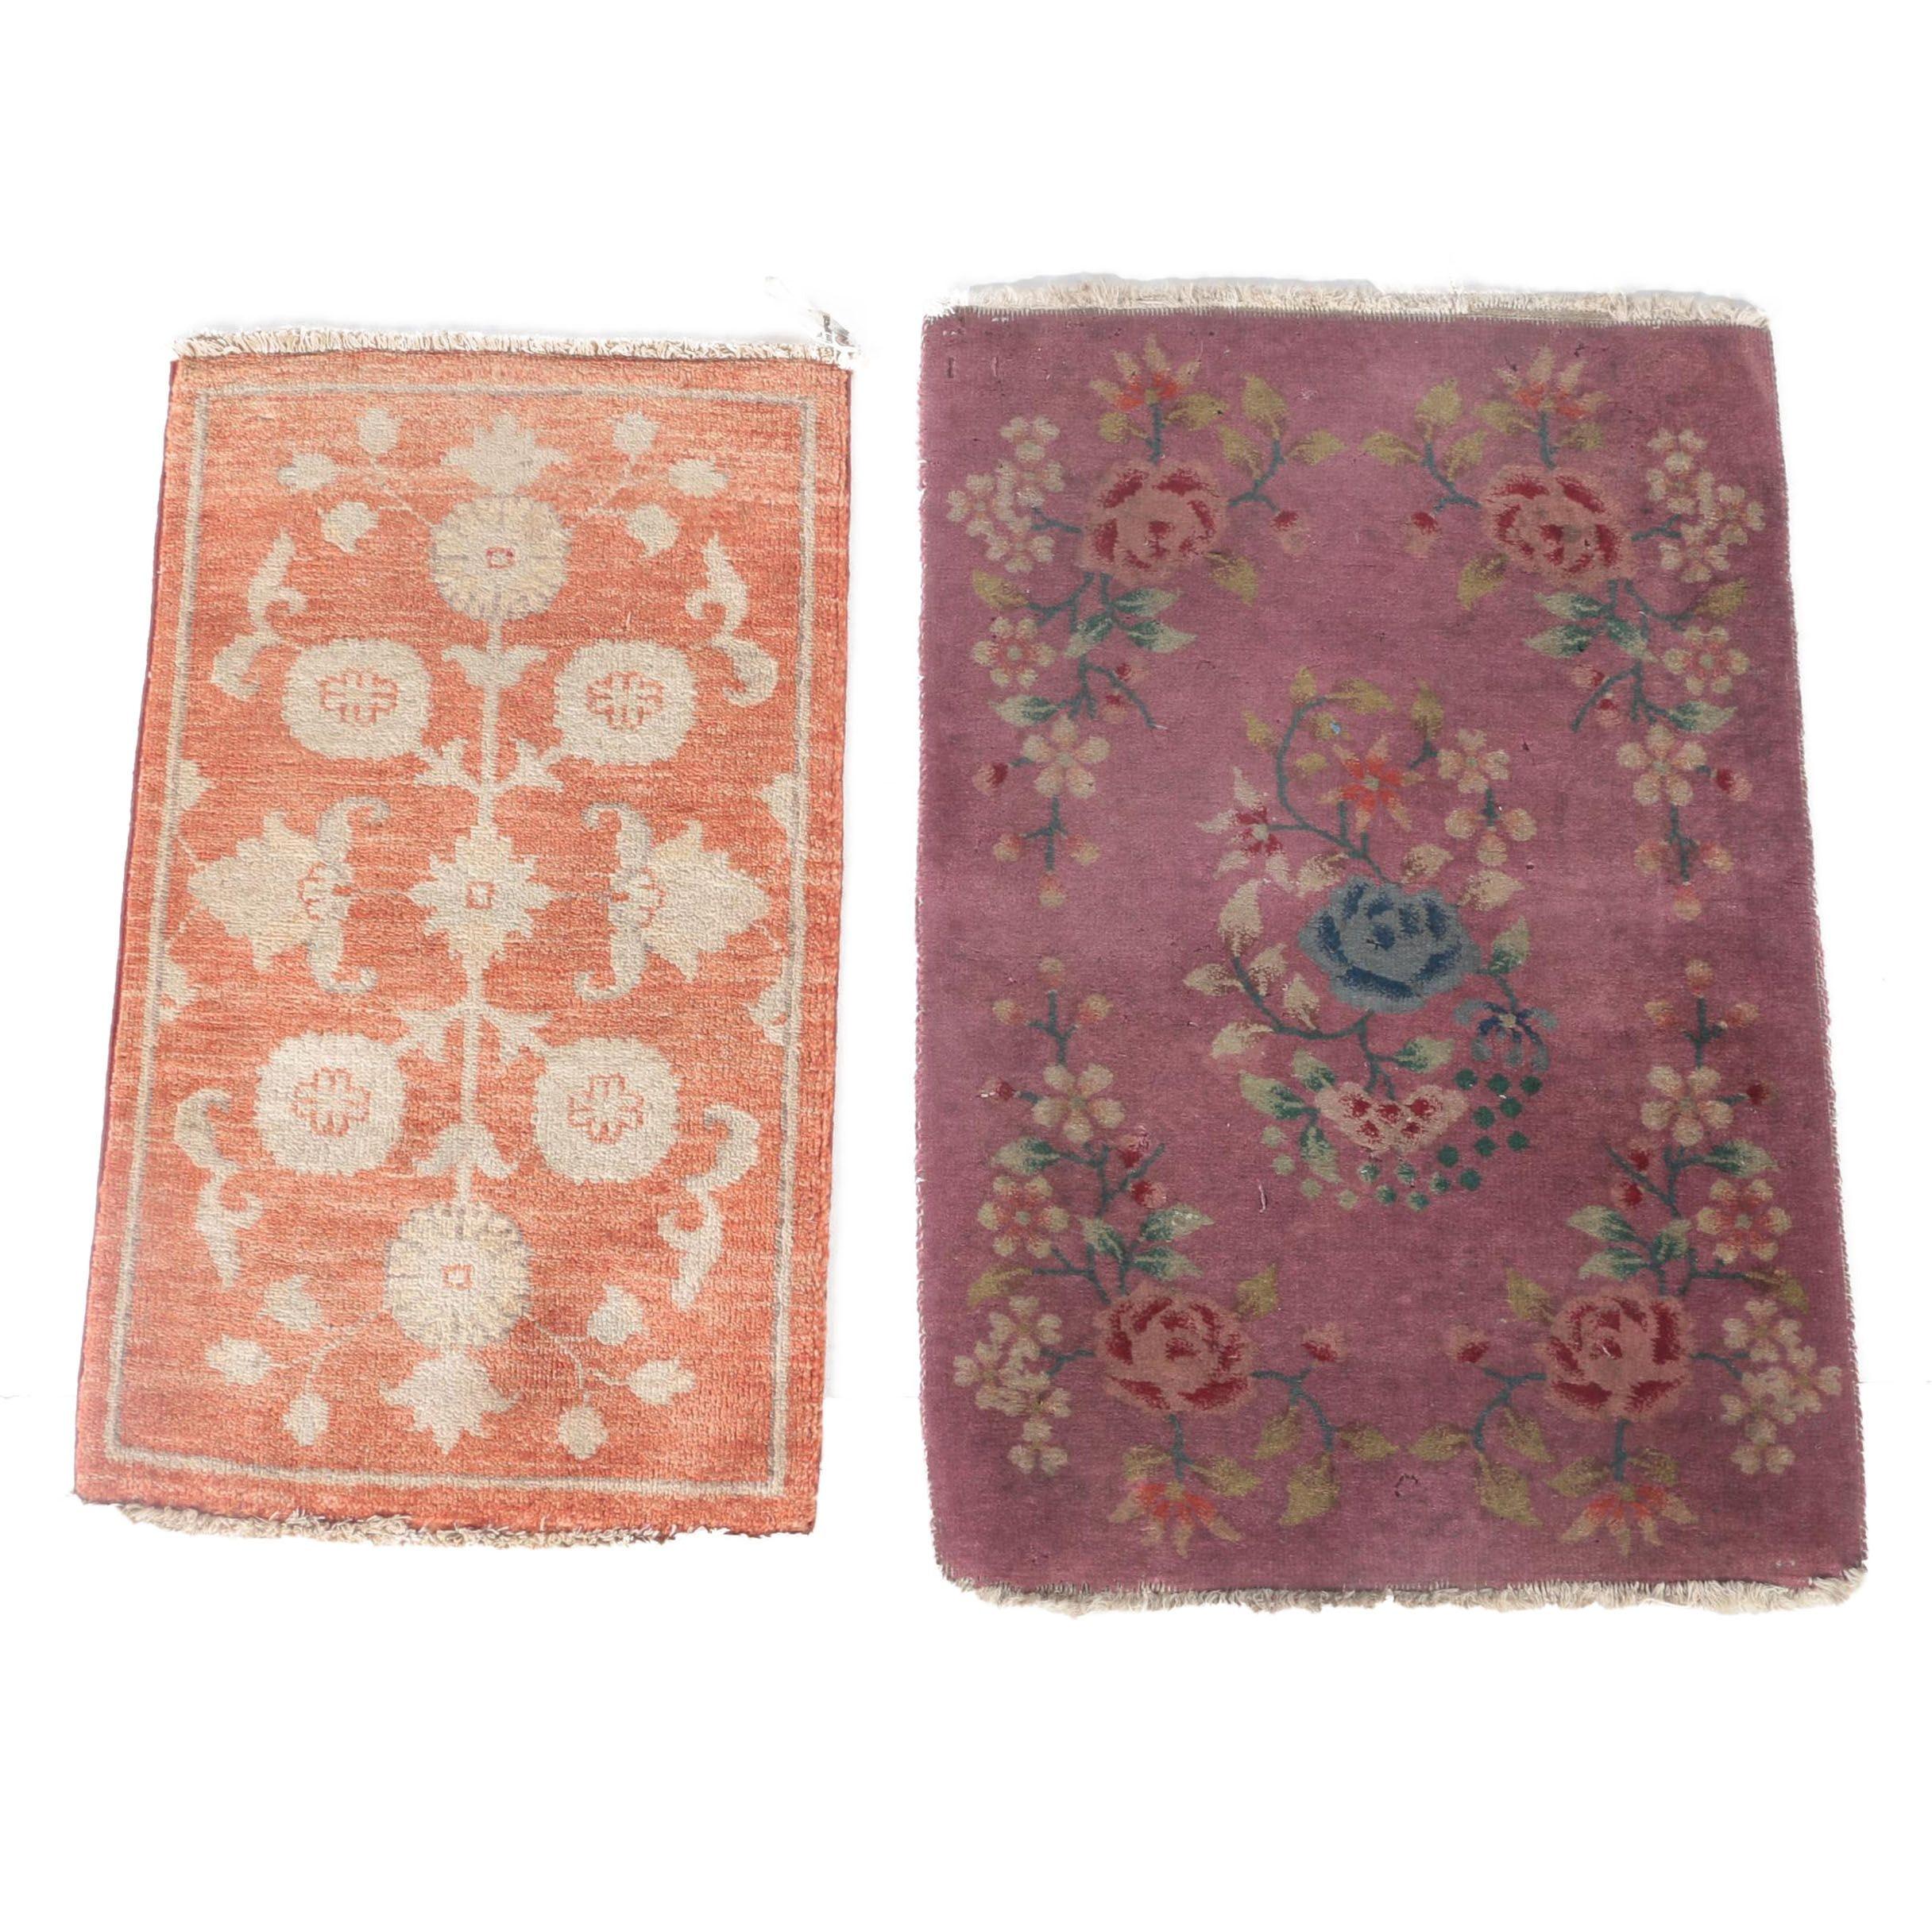 Hand-Knotted Pakistani Chobi and Chinese Wool Mats